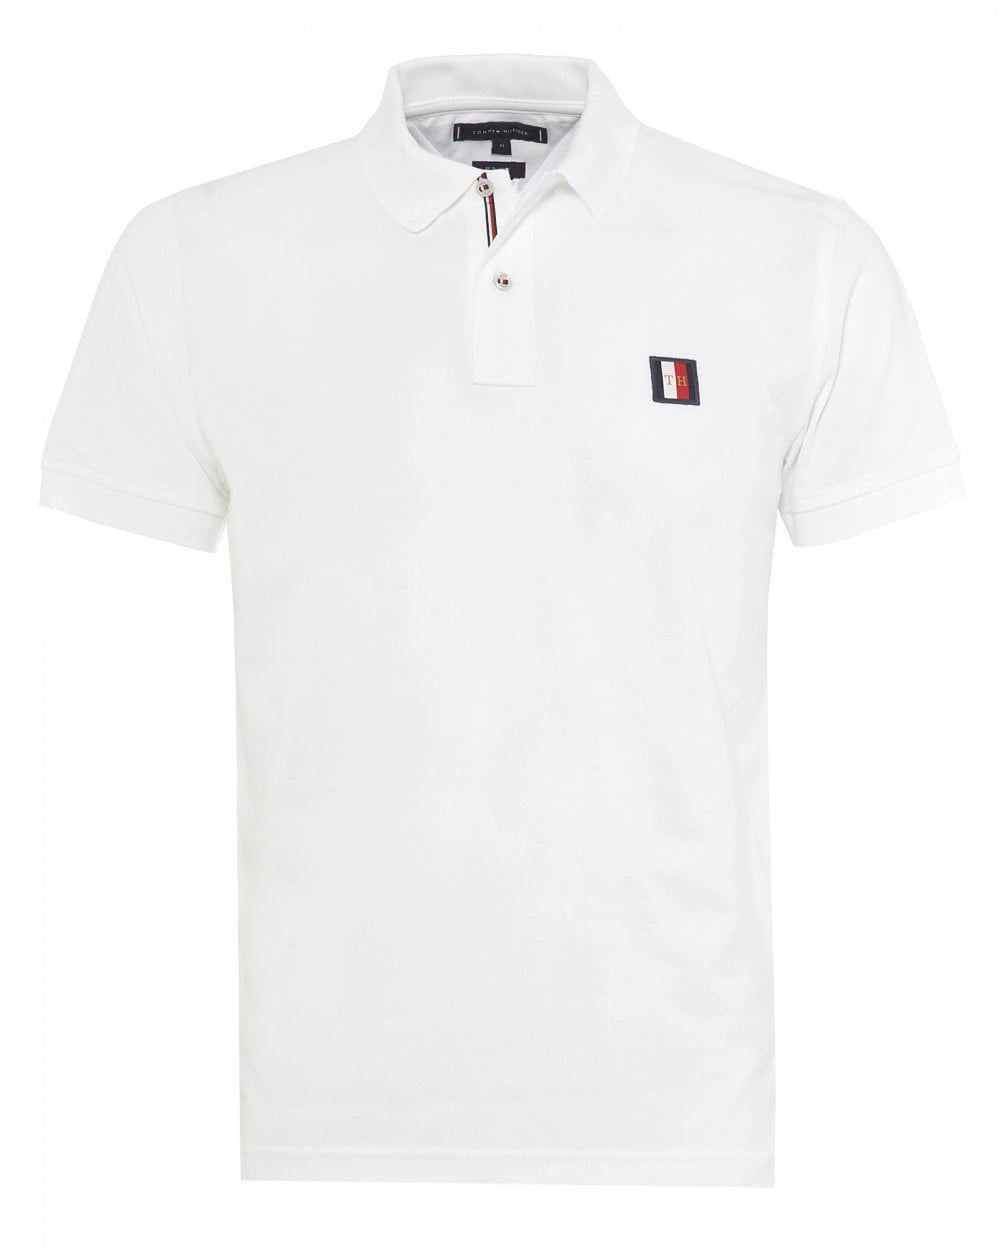 1380b9f9 Tommy Hilfiger Mens Monogram Badge White Polo Shirt